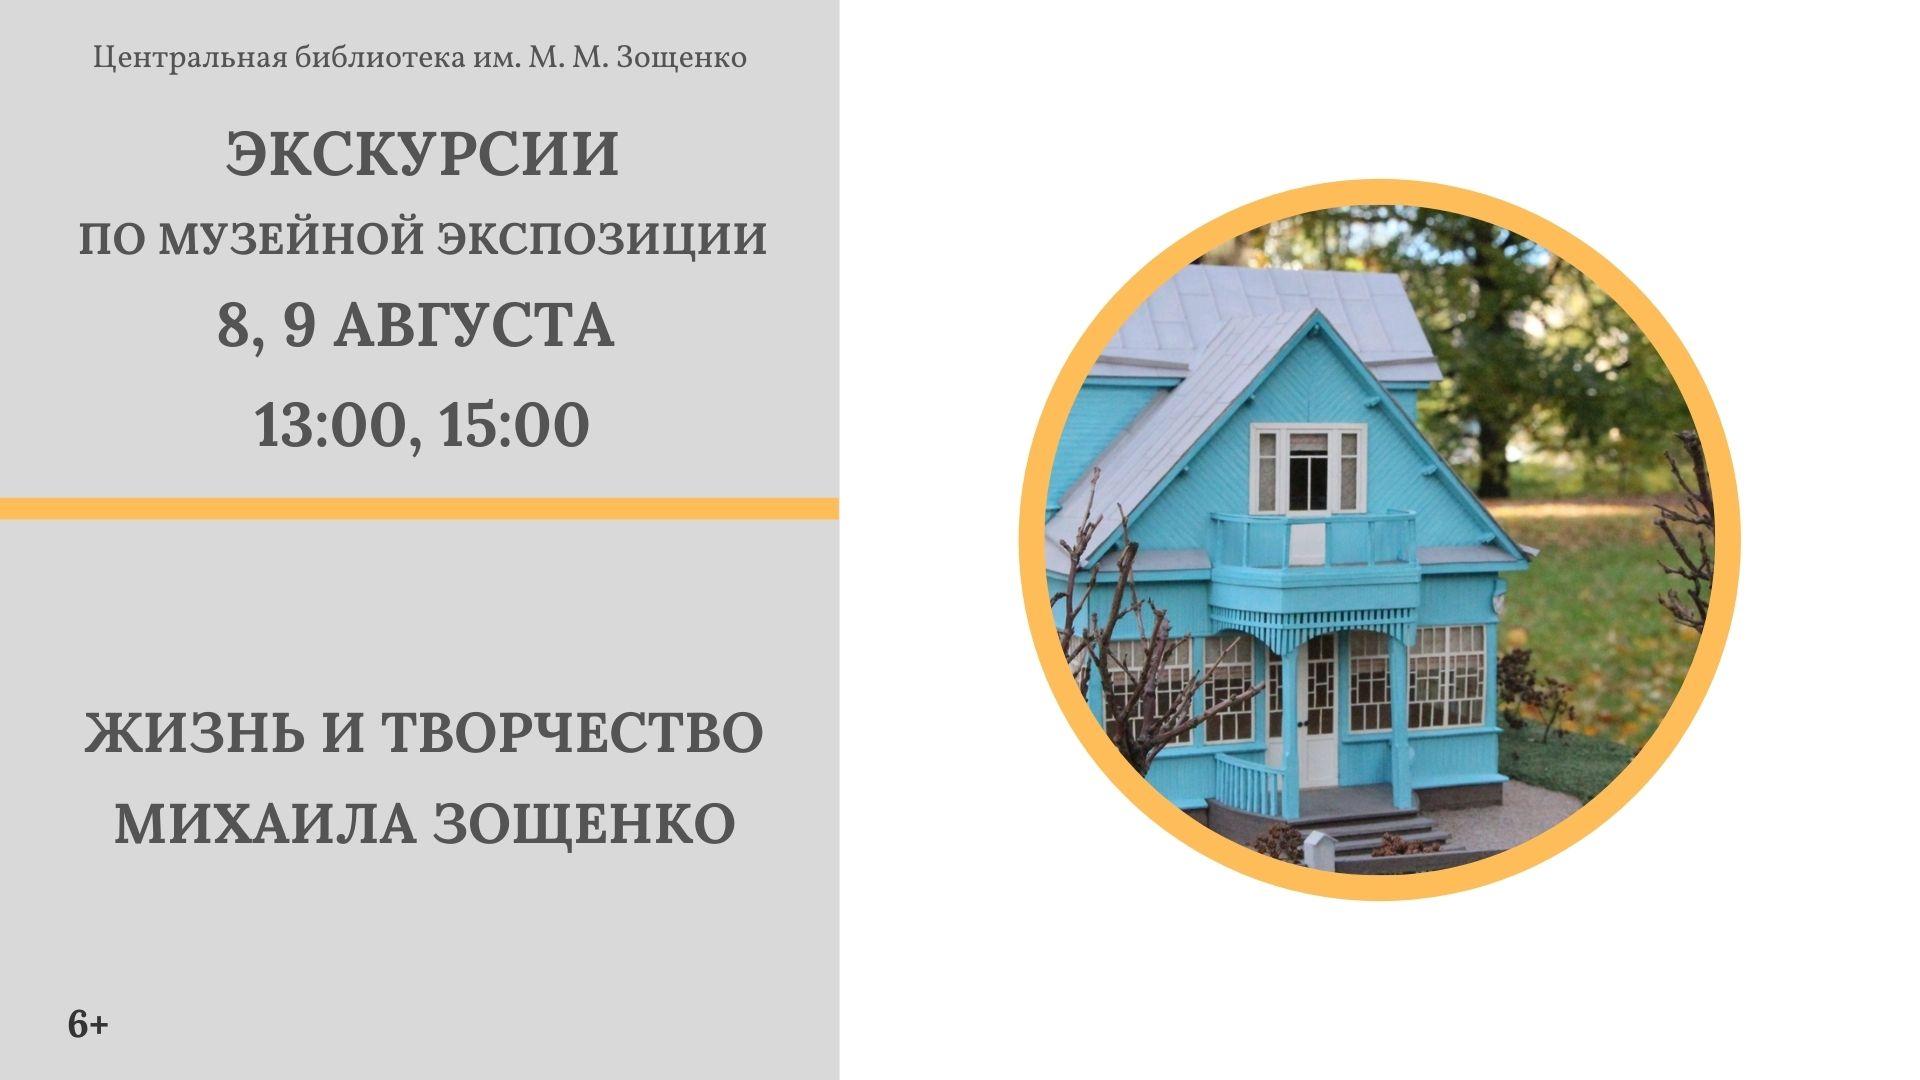 Экскурсия Жизнь и творчество Михаила Зощенко